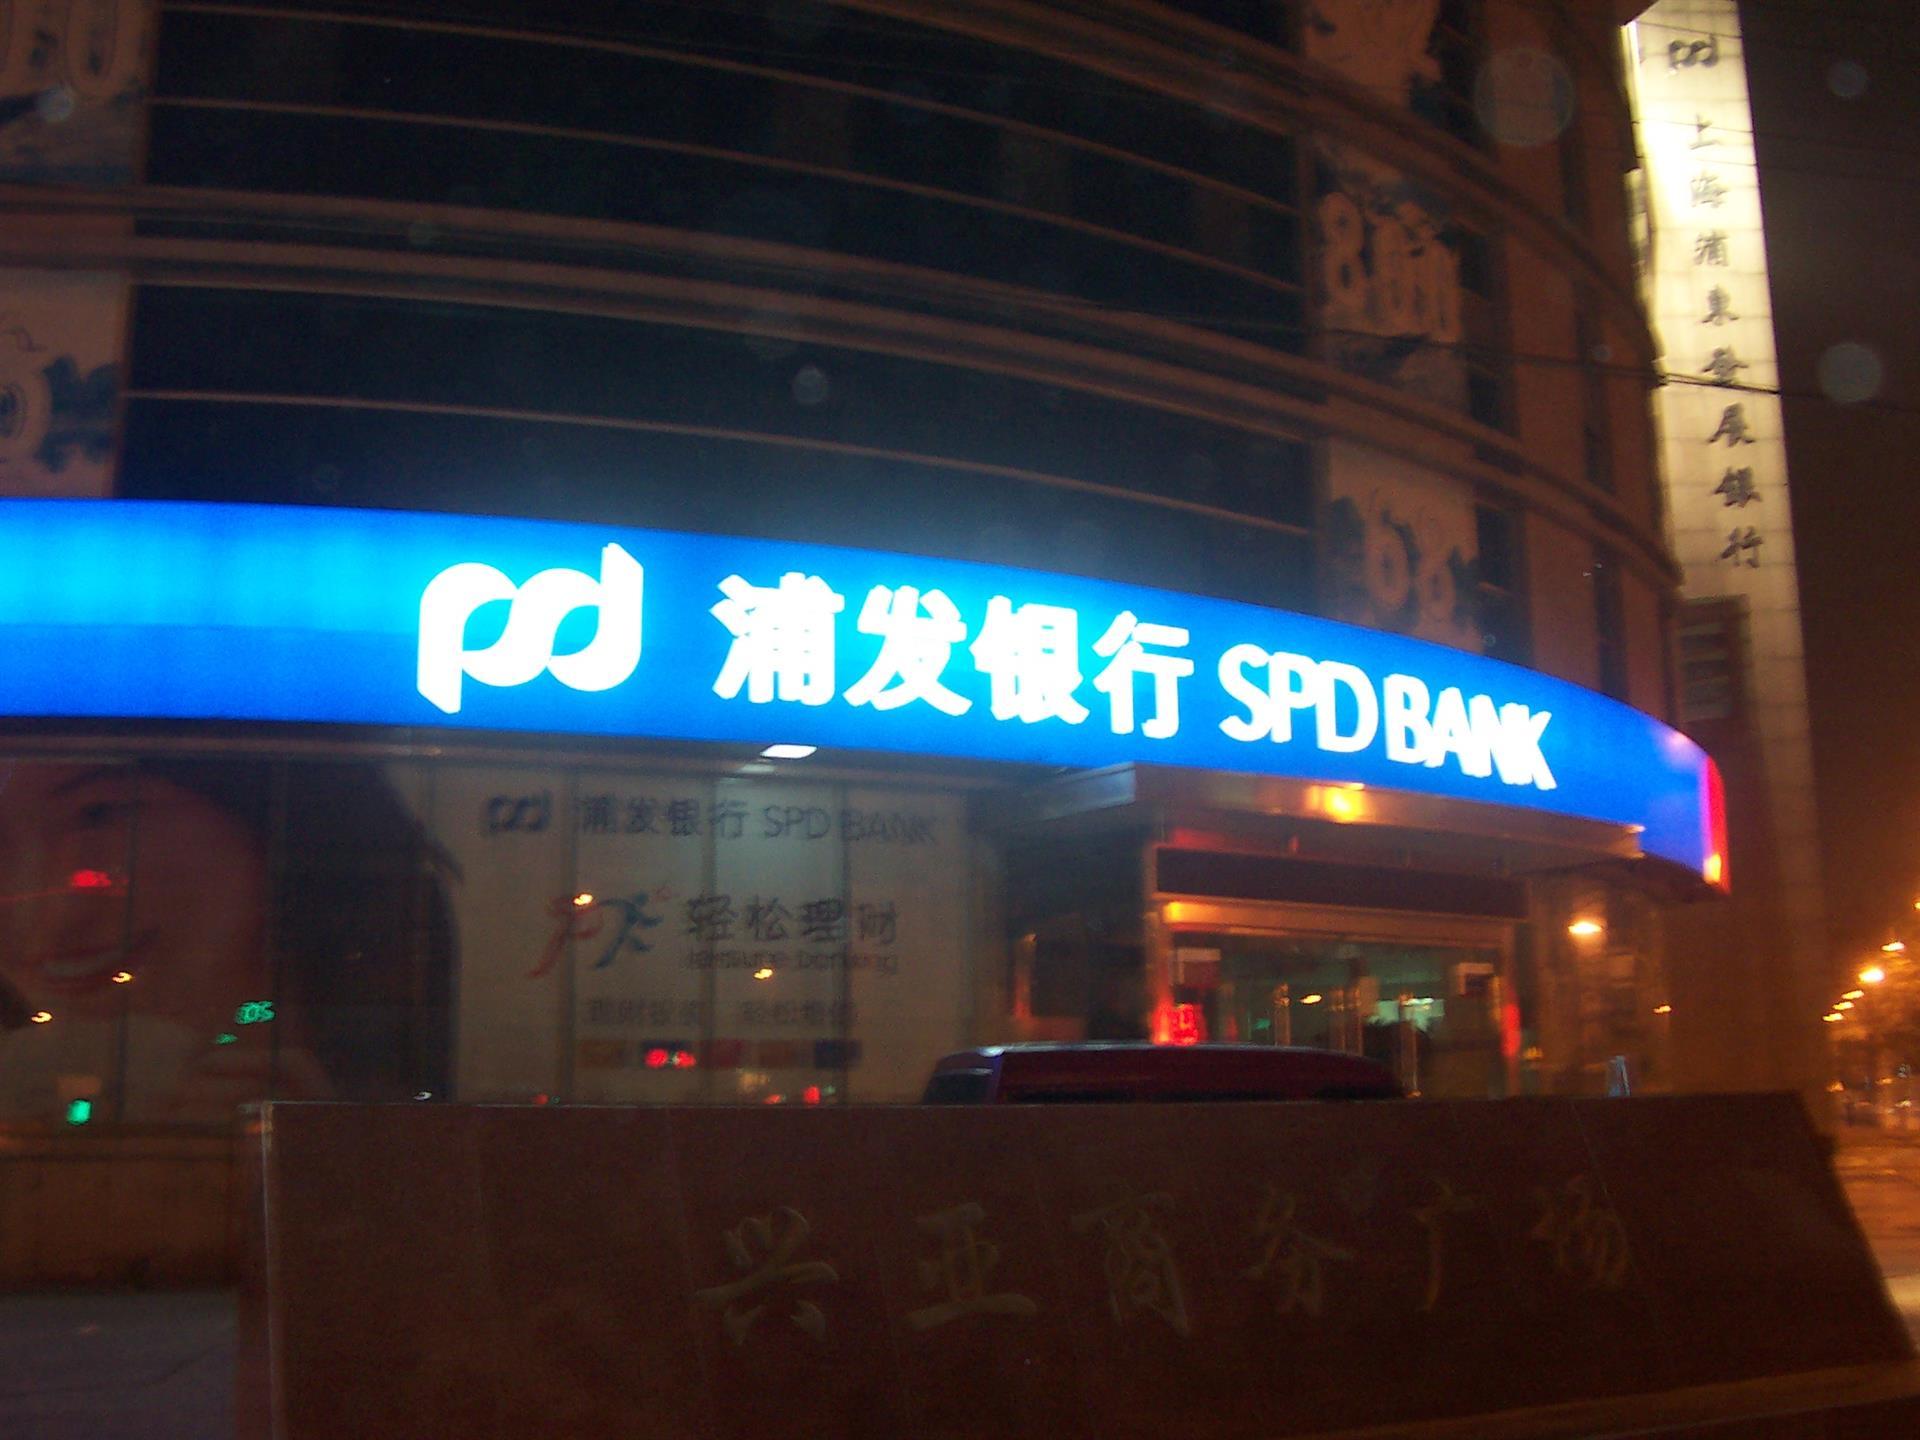 【广州博浩广告有限公司】专业灯箱 门头招牌 户外广告 发光字 LED显示屏_设计服务>>广告设计>>广告牌